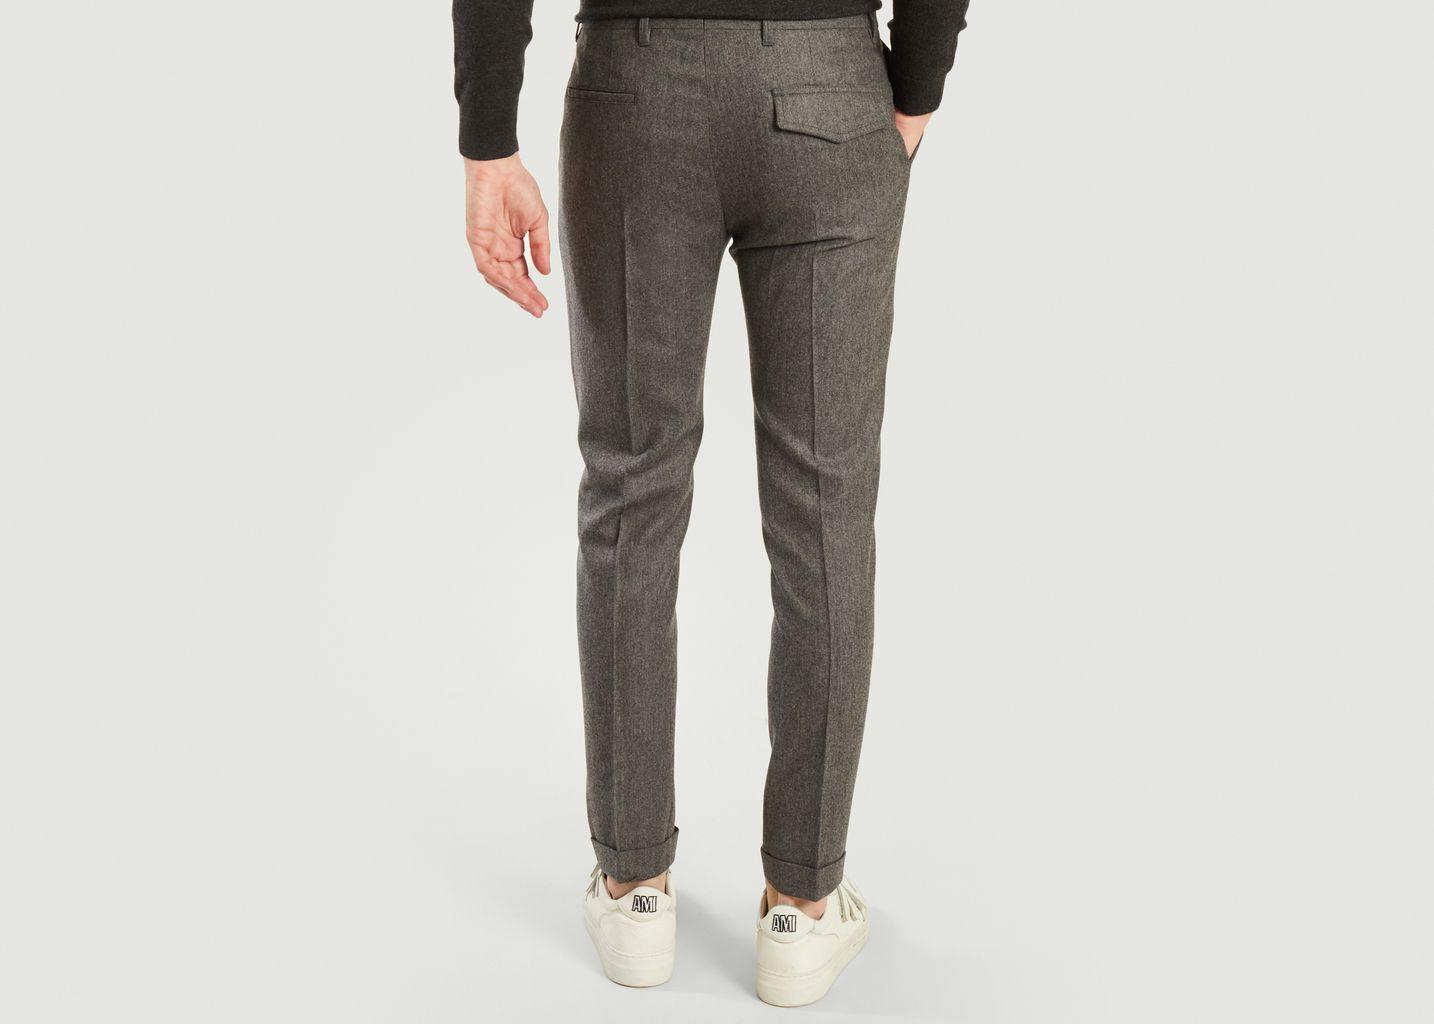 Pantalon formel à plis en laine - PS by PAUL SMITH